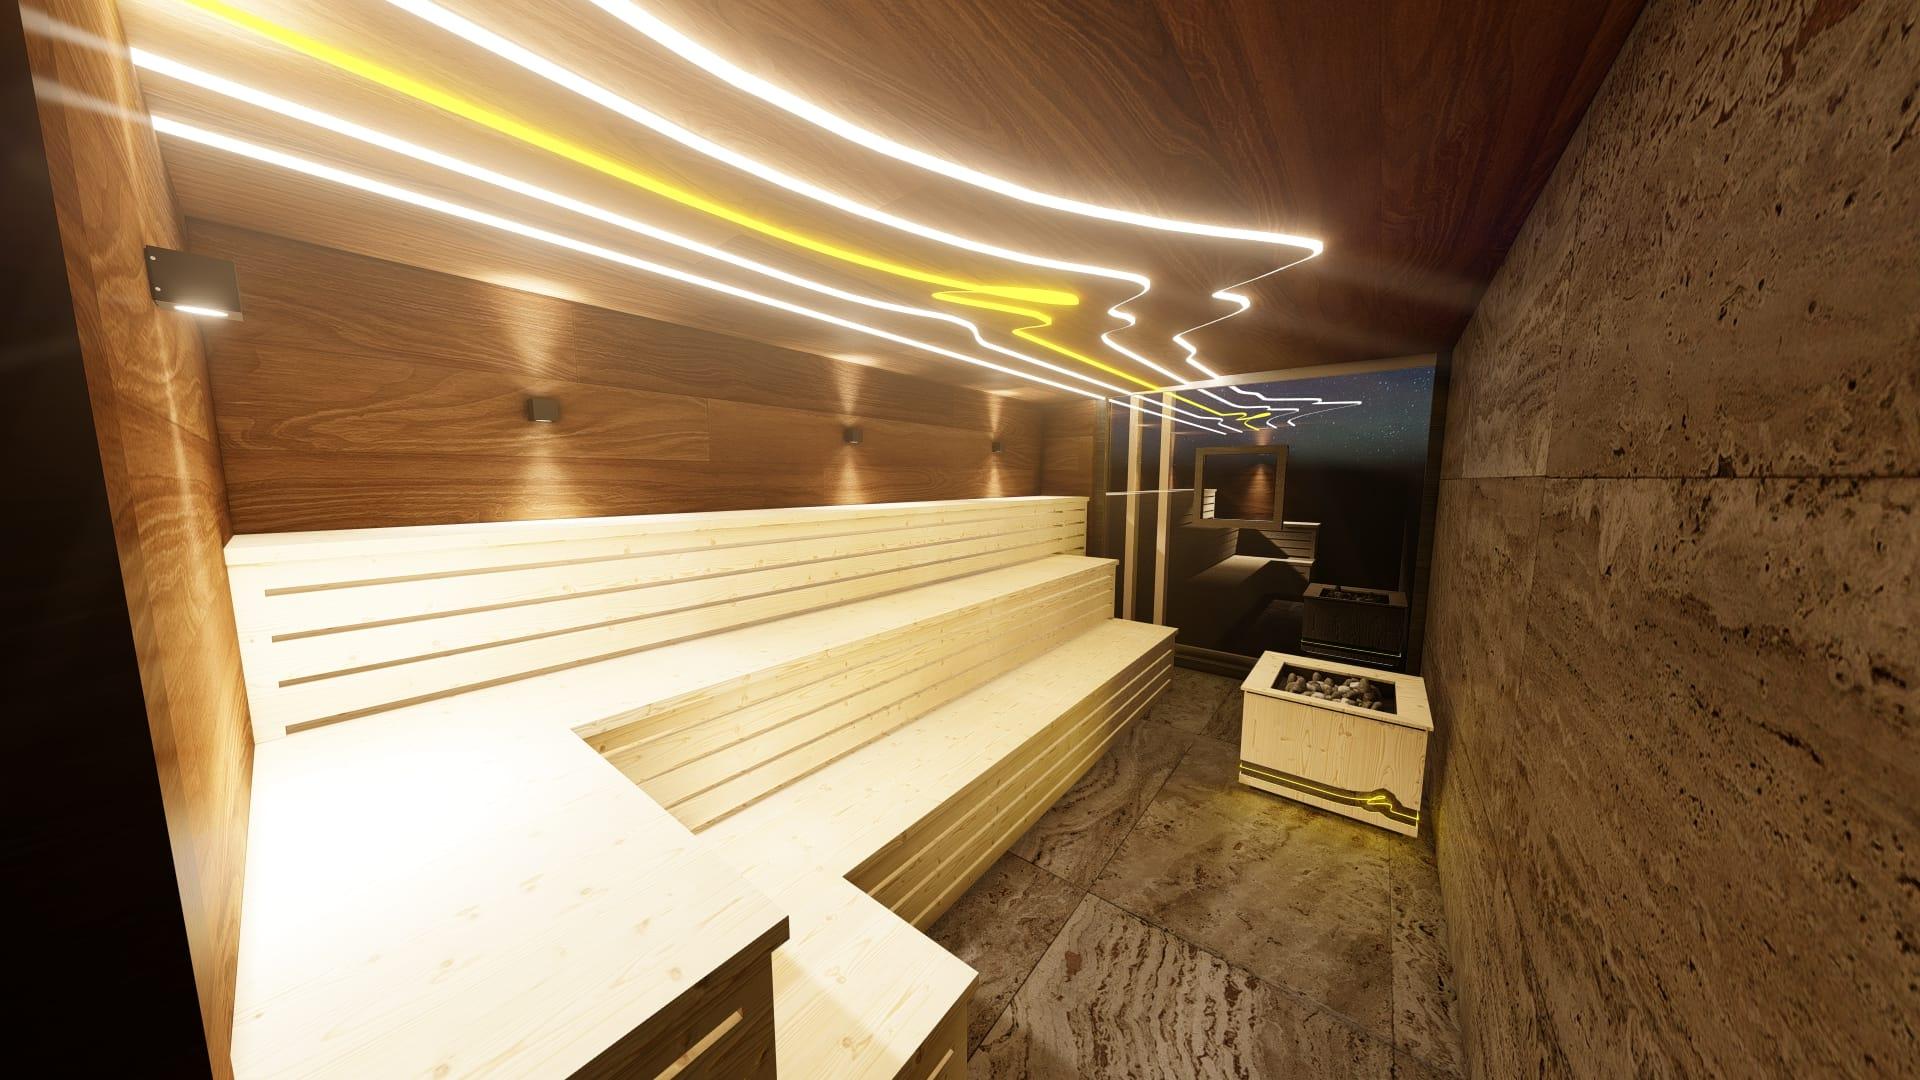 Hofgut-Apartment-lifestyle-resort-sauna-und-ruhebereich-finnische-sauna